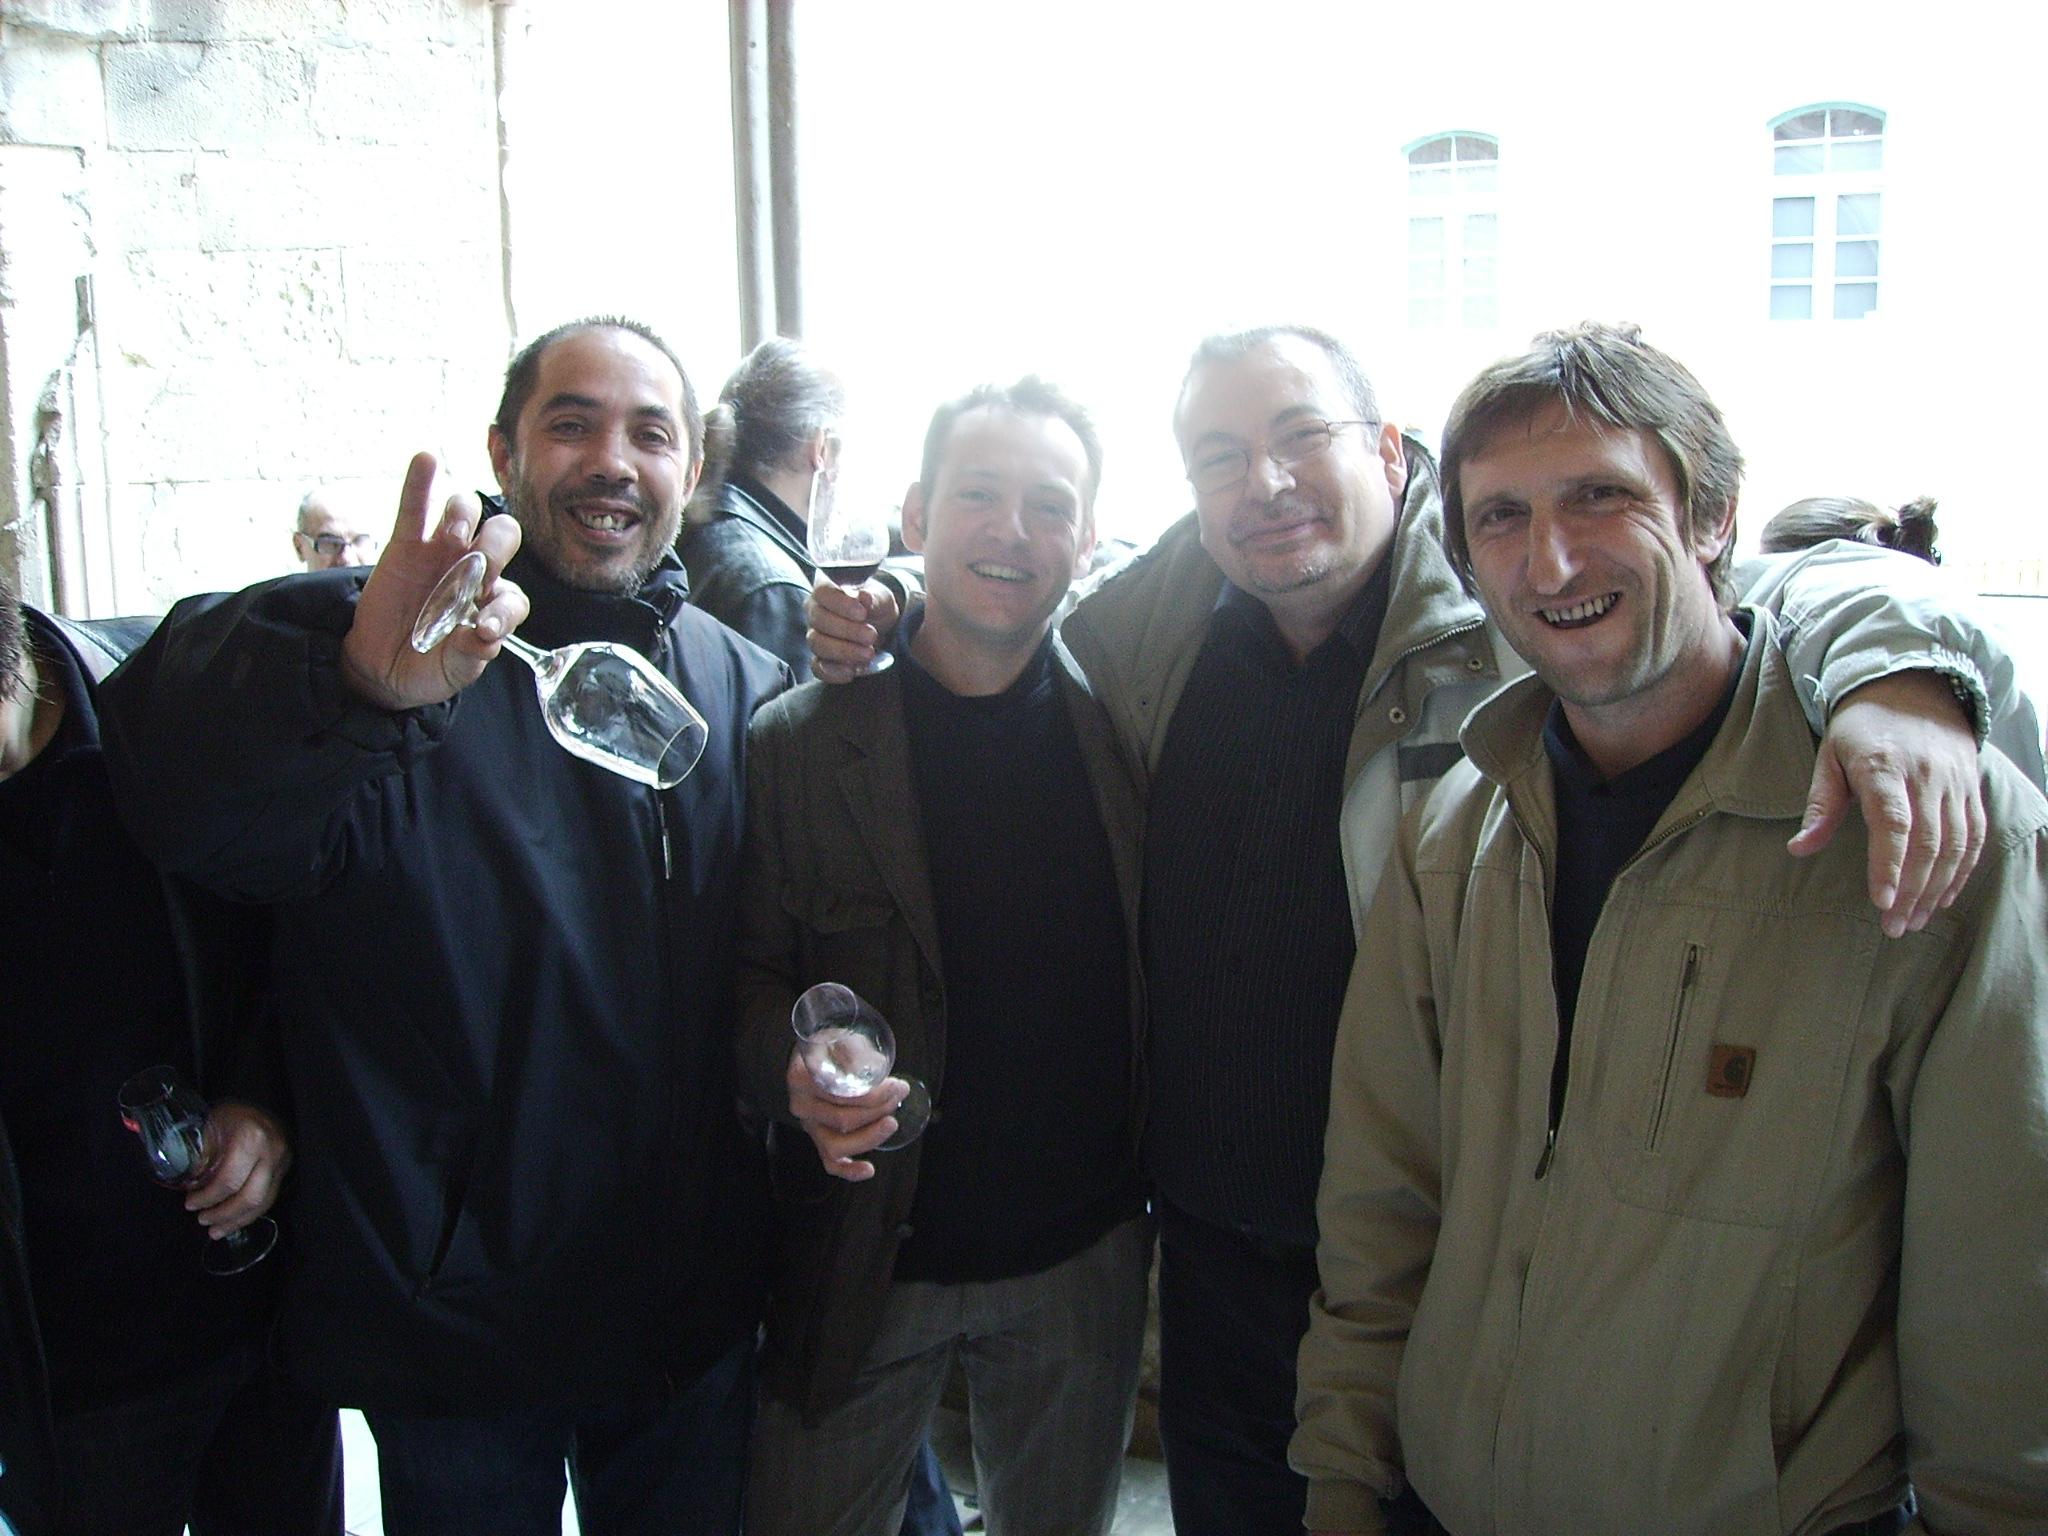 Laureano a la izquierda de la imagen y Thierry a la derecha